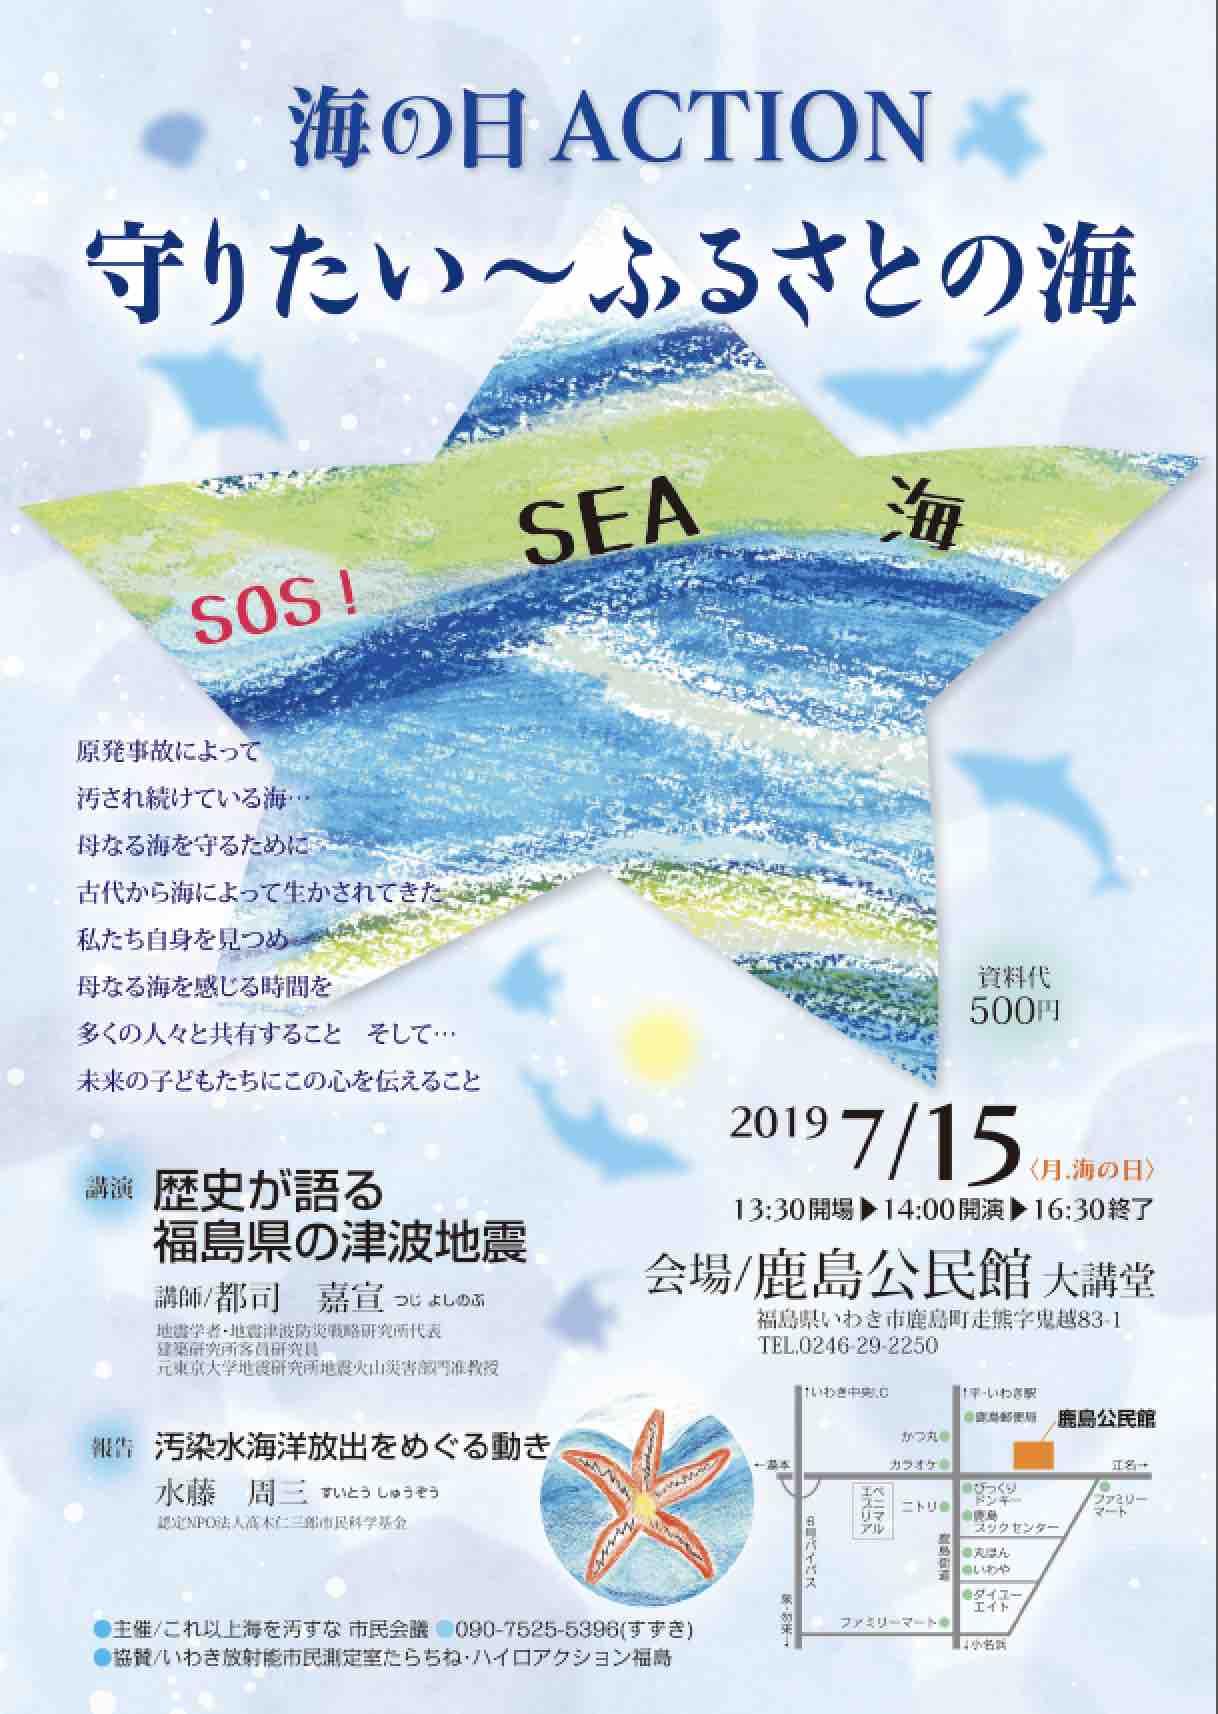 7.15海の日ACTION 守りたい〜ふるさとの海 _e0068696_7565478.jpg